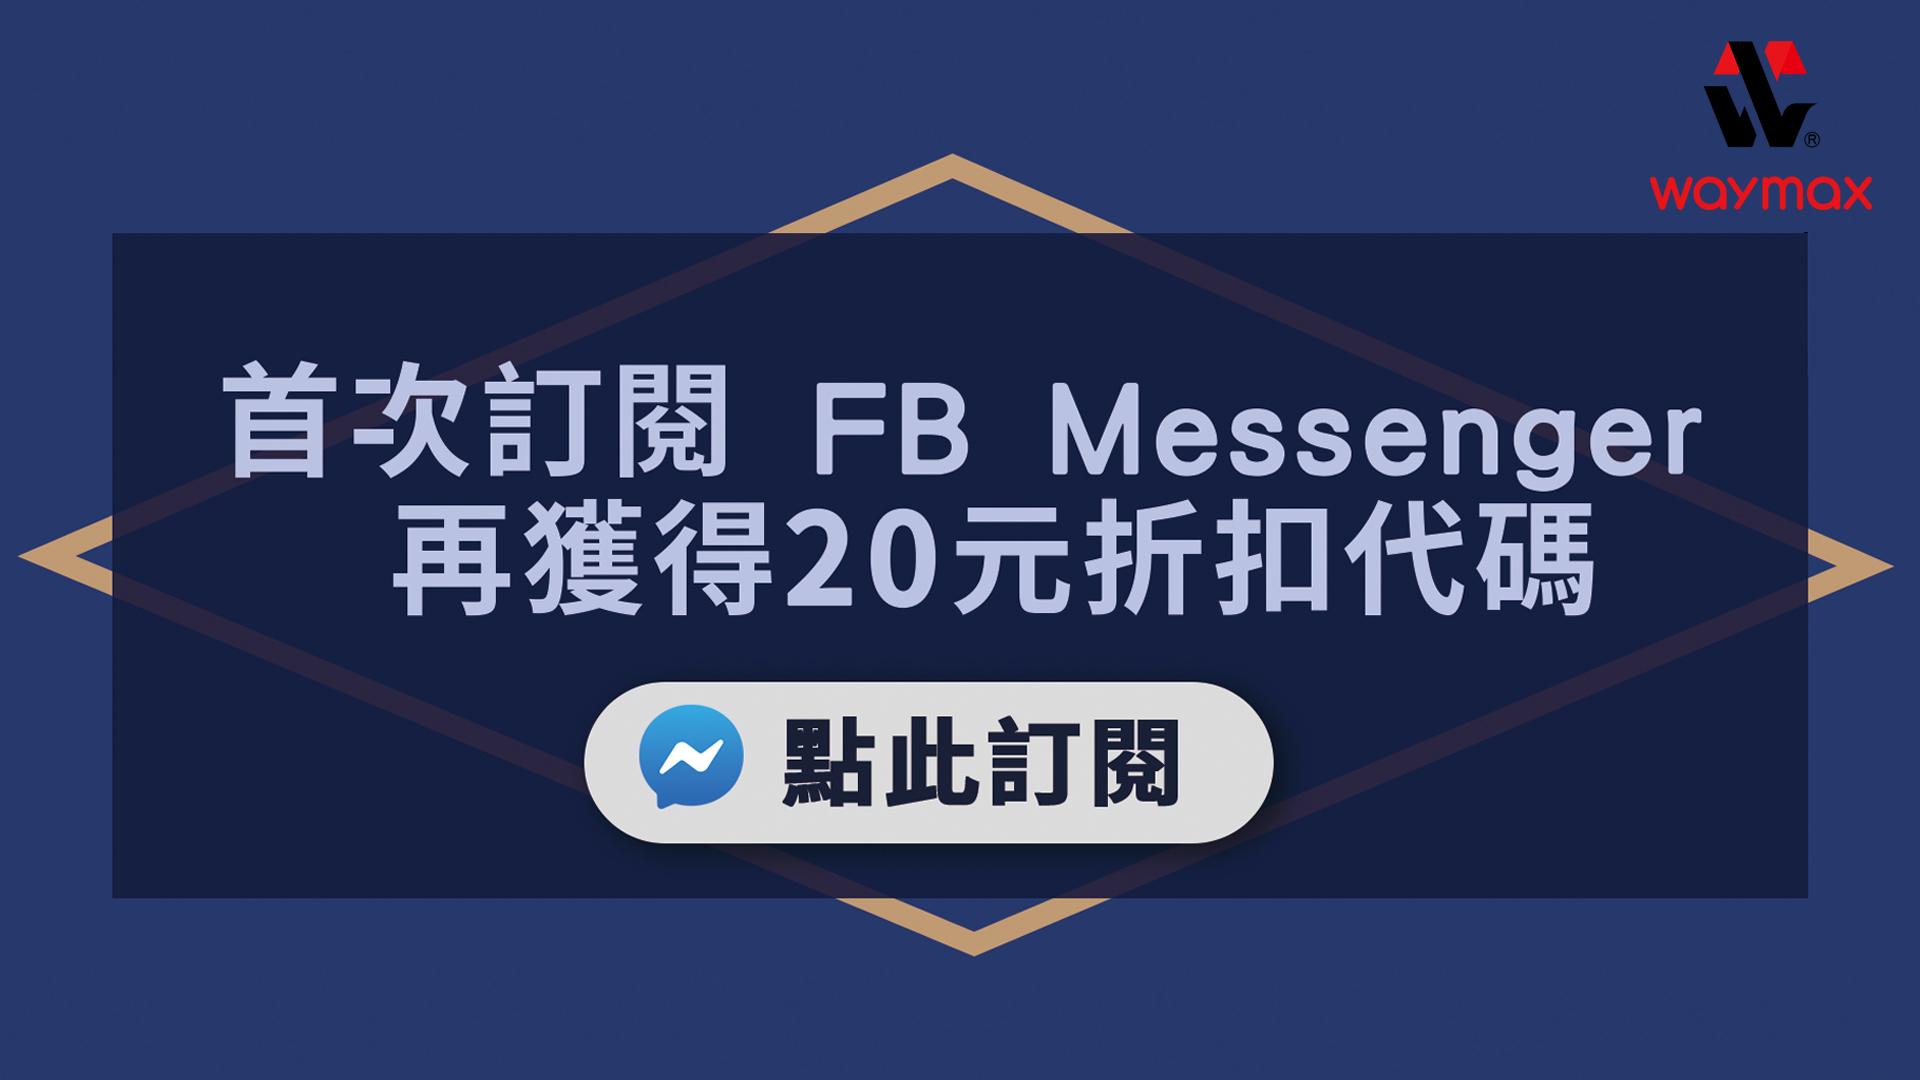 訂閱FB即享20元折扣代碼